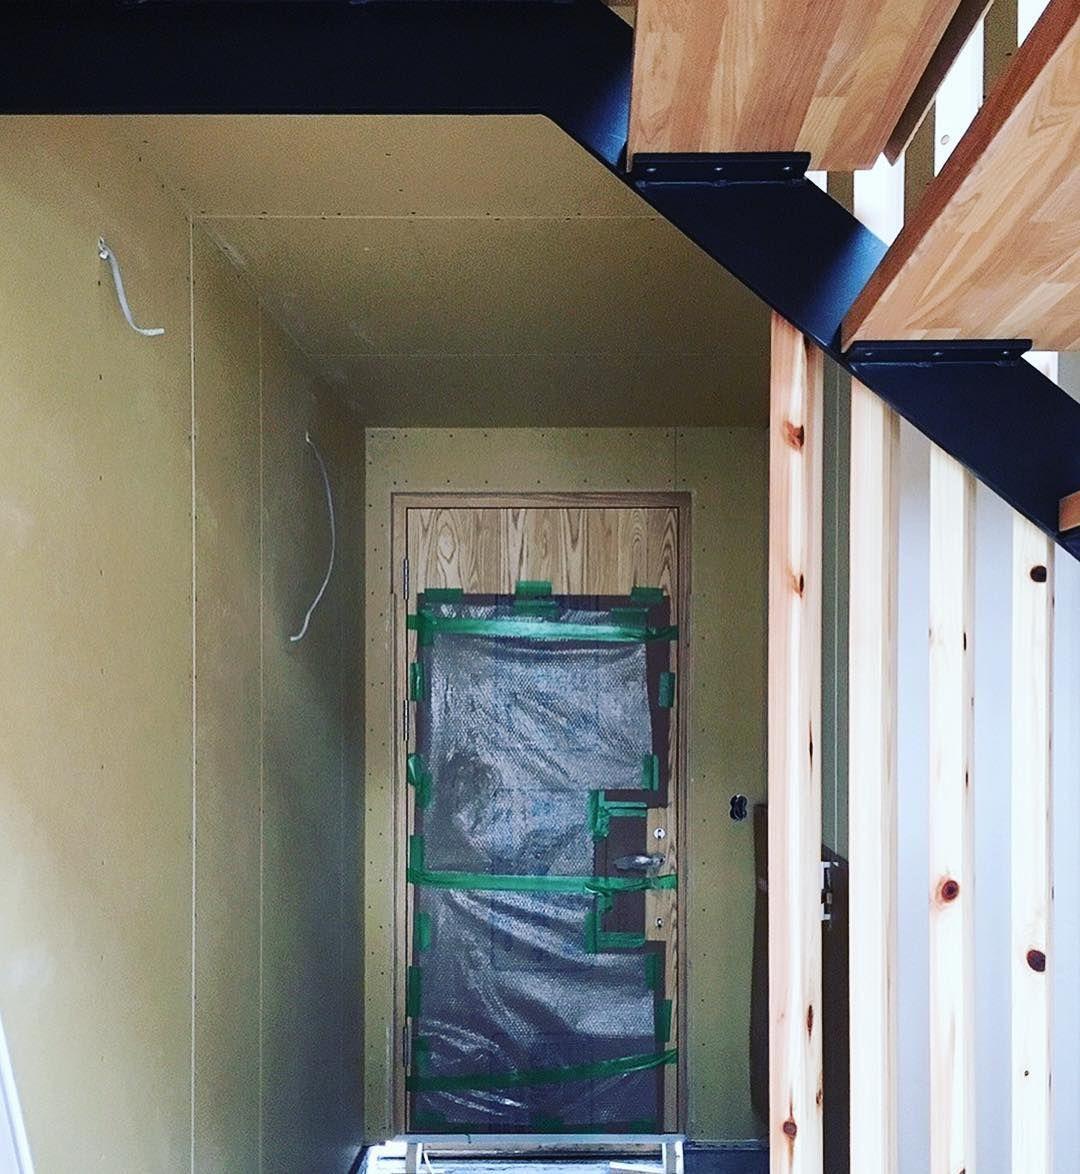 こちらドア引き戸の修理再生工房です 機械式オートロックドアの修理 室内ドア内開き 外開き変更工事 開きドア 引き戸に変更 2階リビング吹き抜け対策断熱引き戸パネル工事など 東京 横浜 室内ドア 引き戸 Diy インテリア 間仕切り